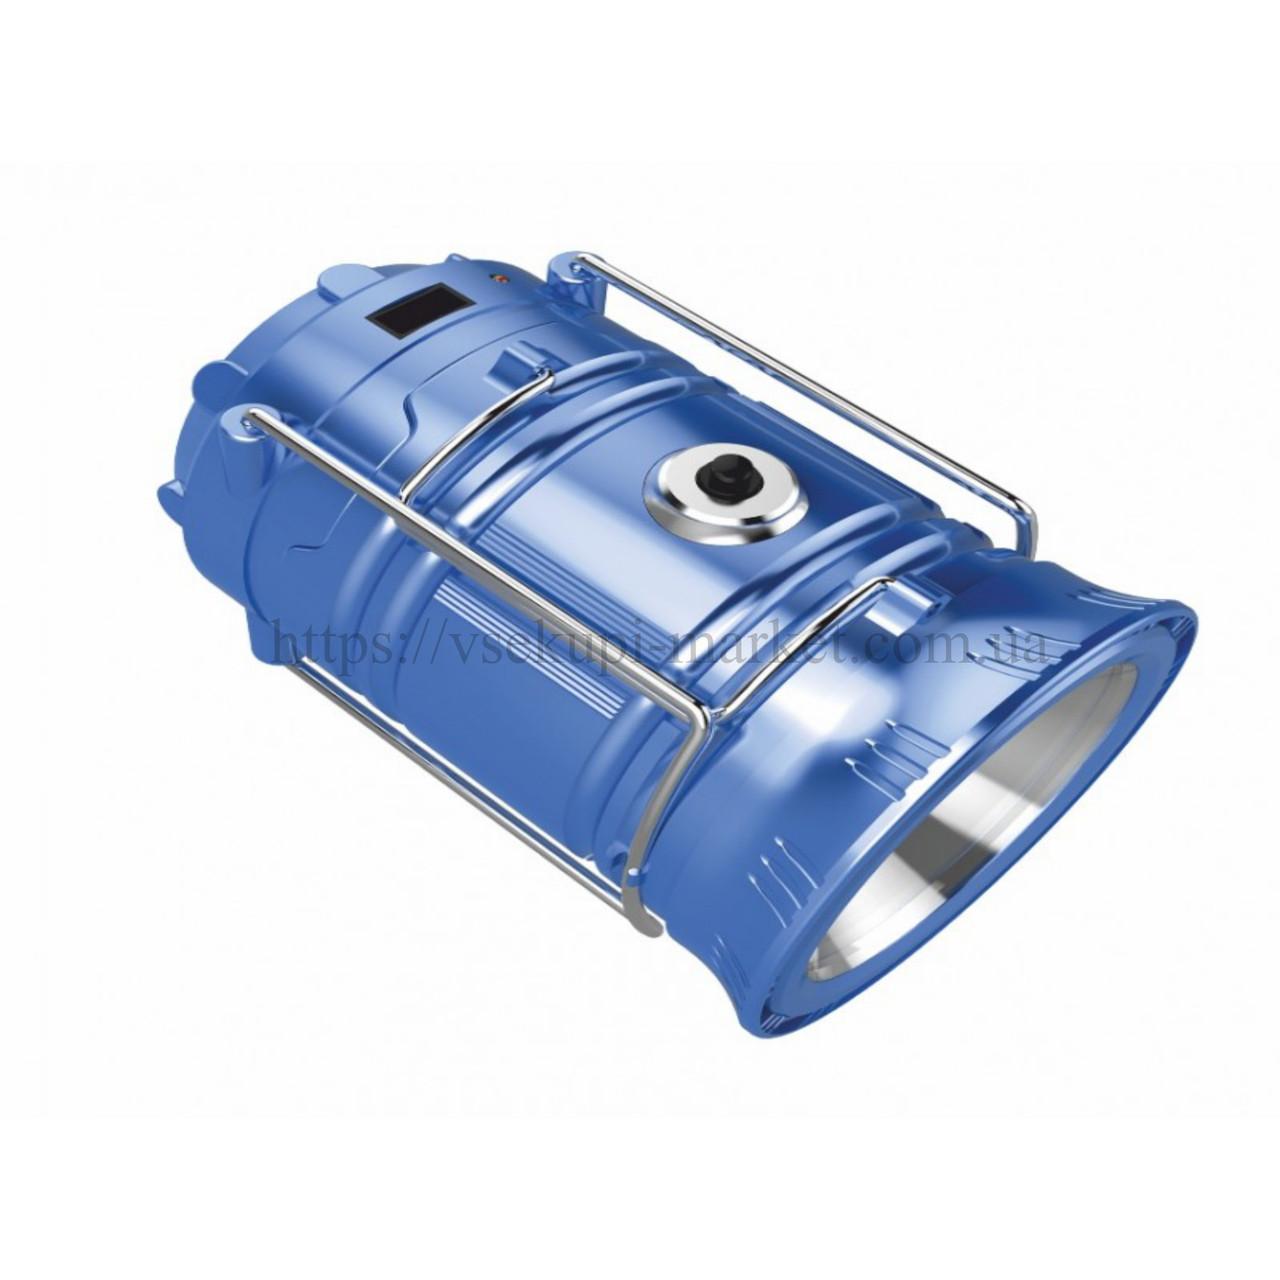 Фонарик для кемпинга RIGHT HAUSEN ALEX 1000MAH 1W + 10 SMD LED HN-314034